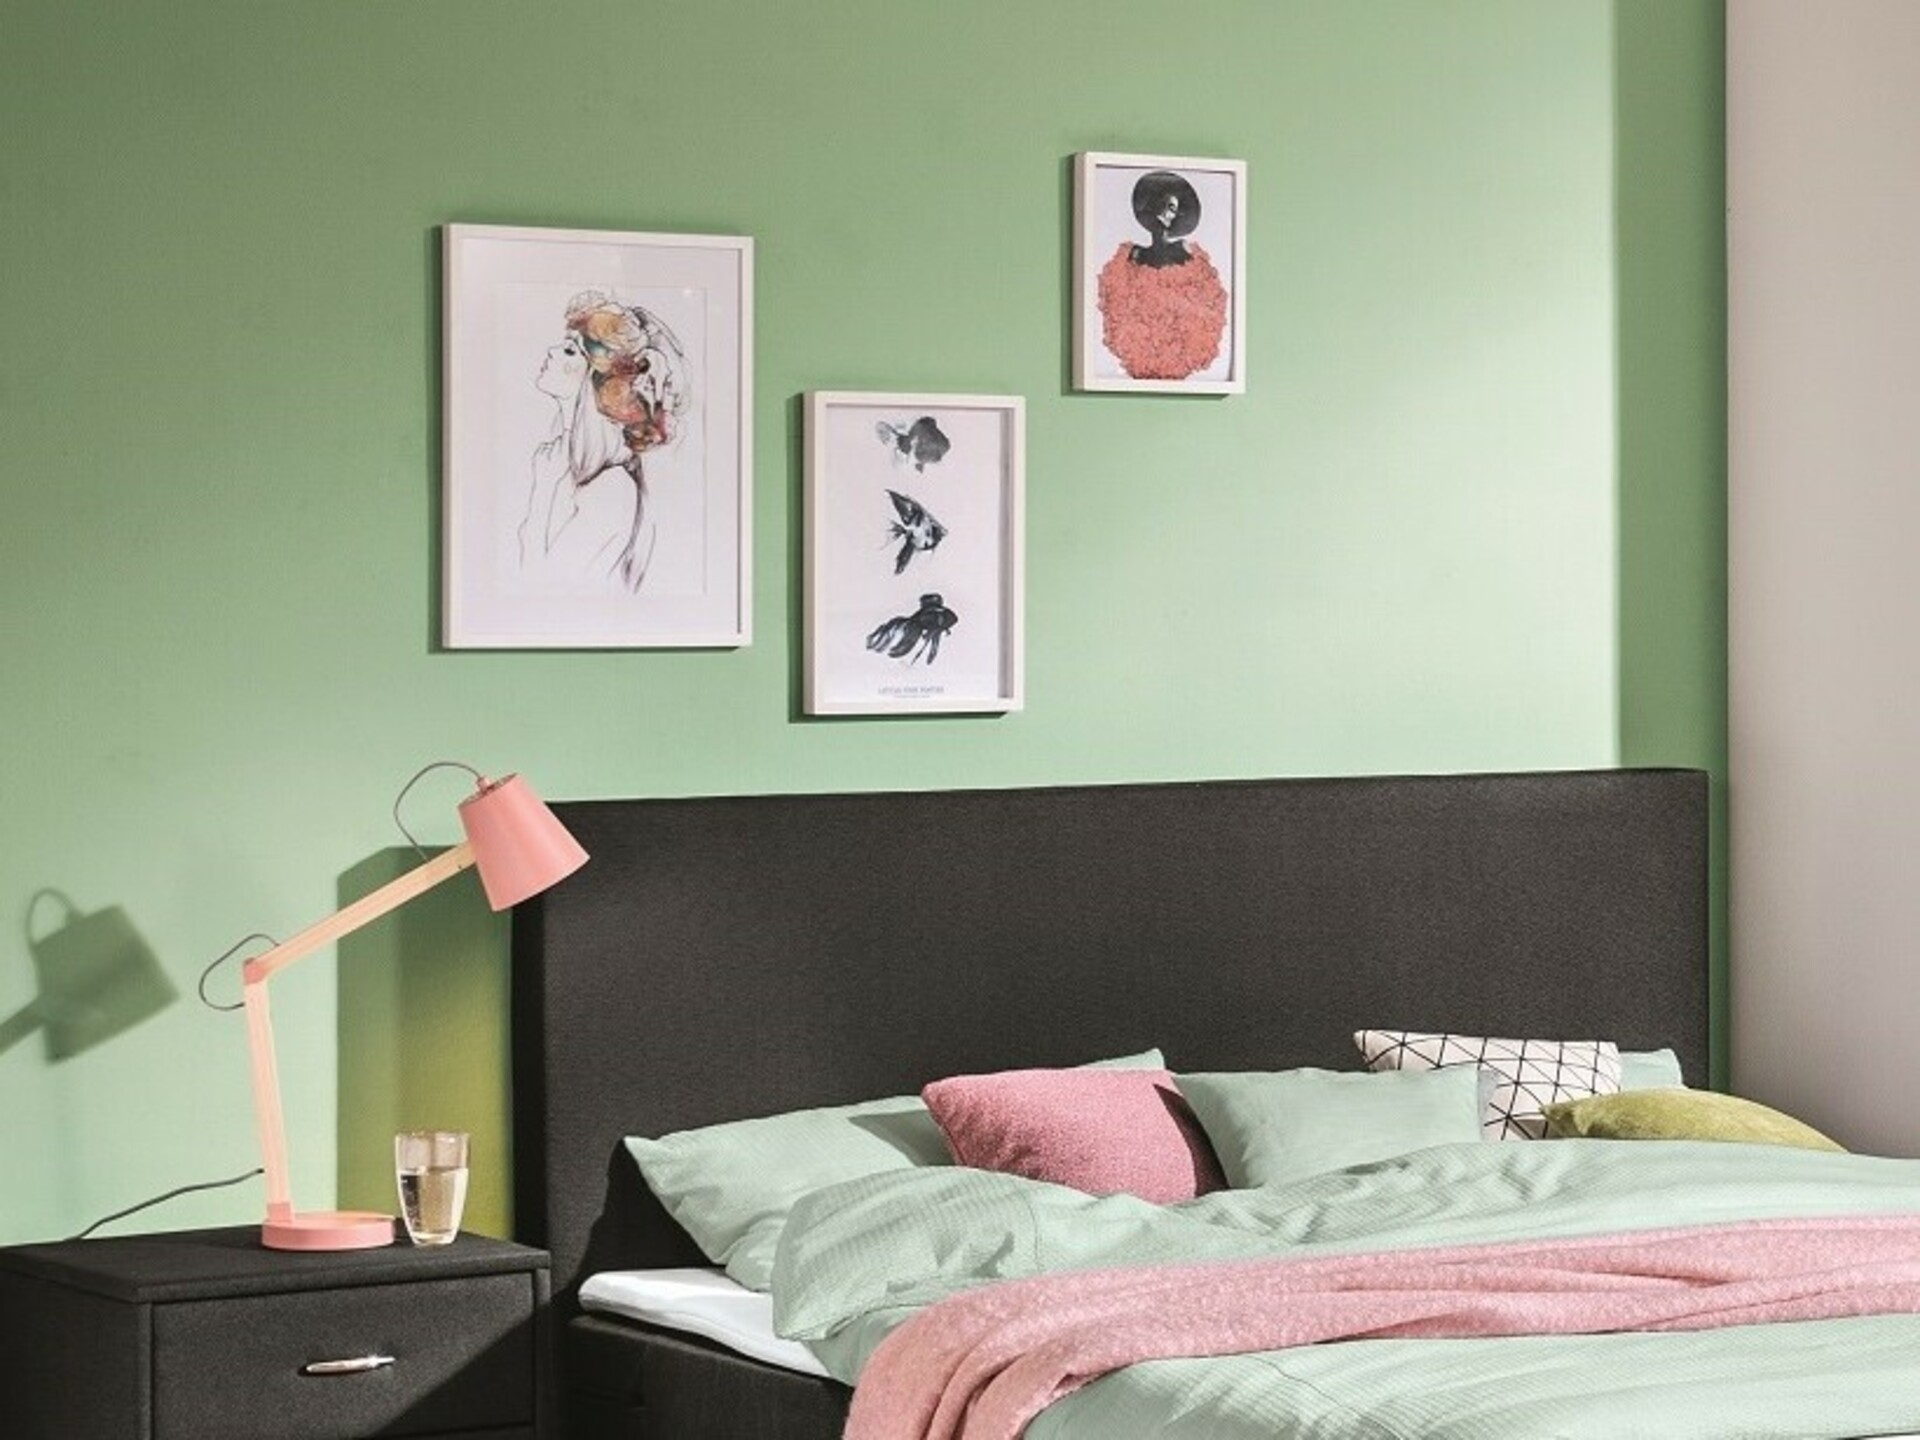 Wohnideen In Grun Holen Sie Die Perfekte Farbe In Ihr Zuhause Segmueller De